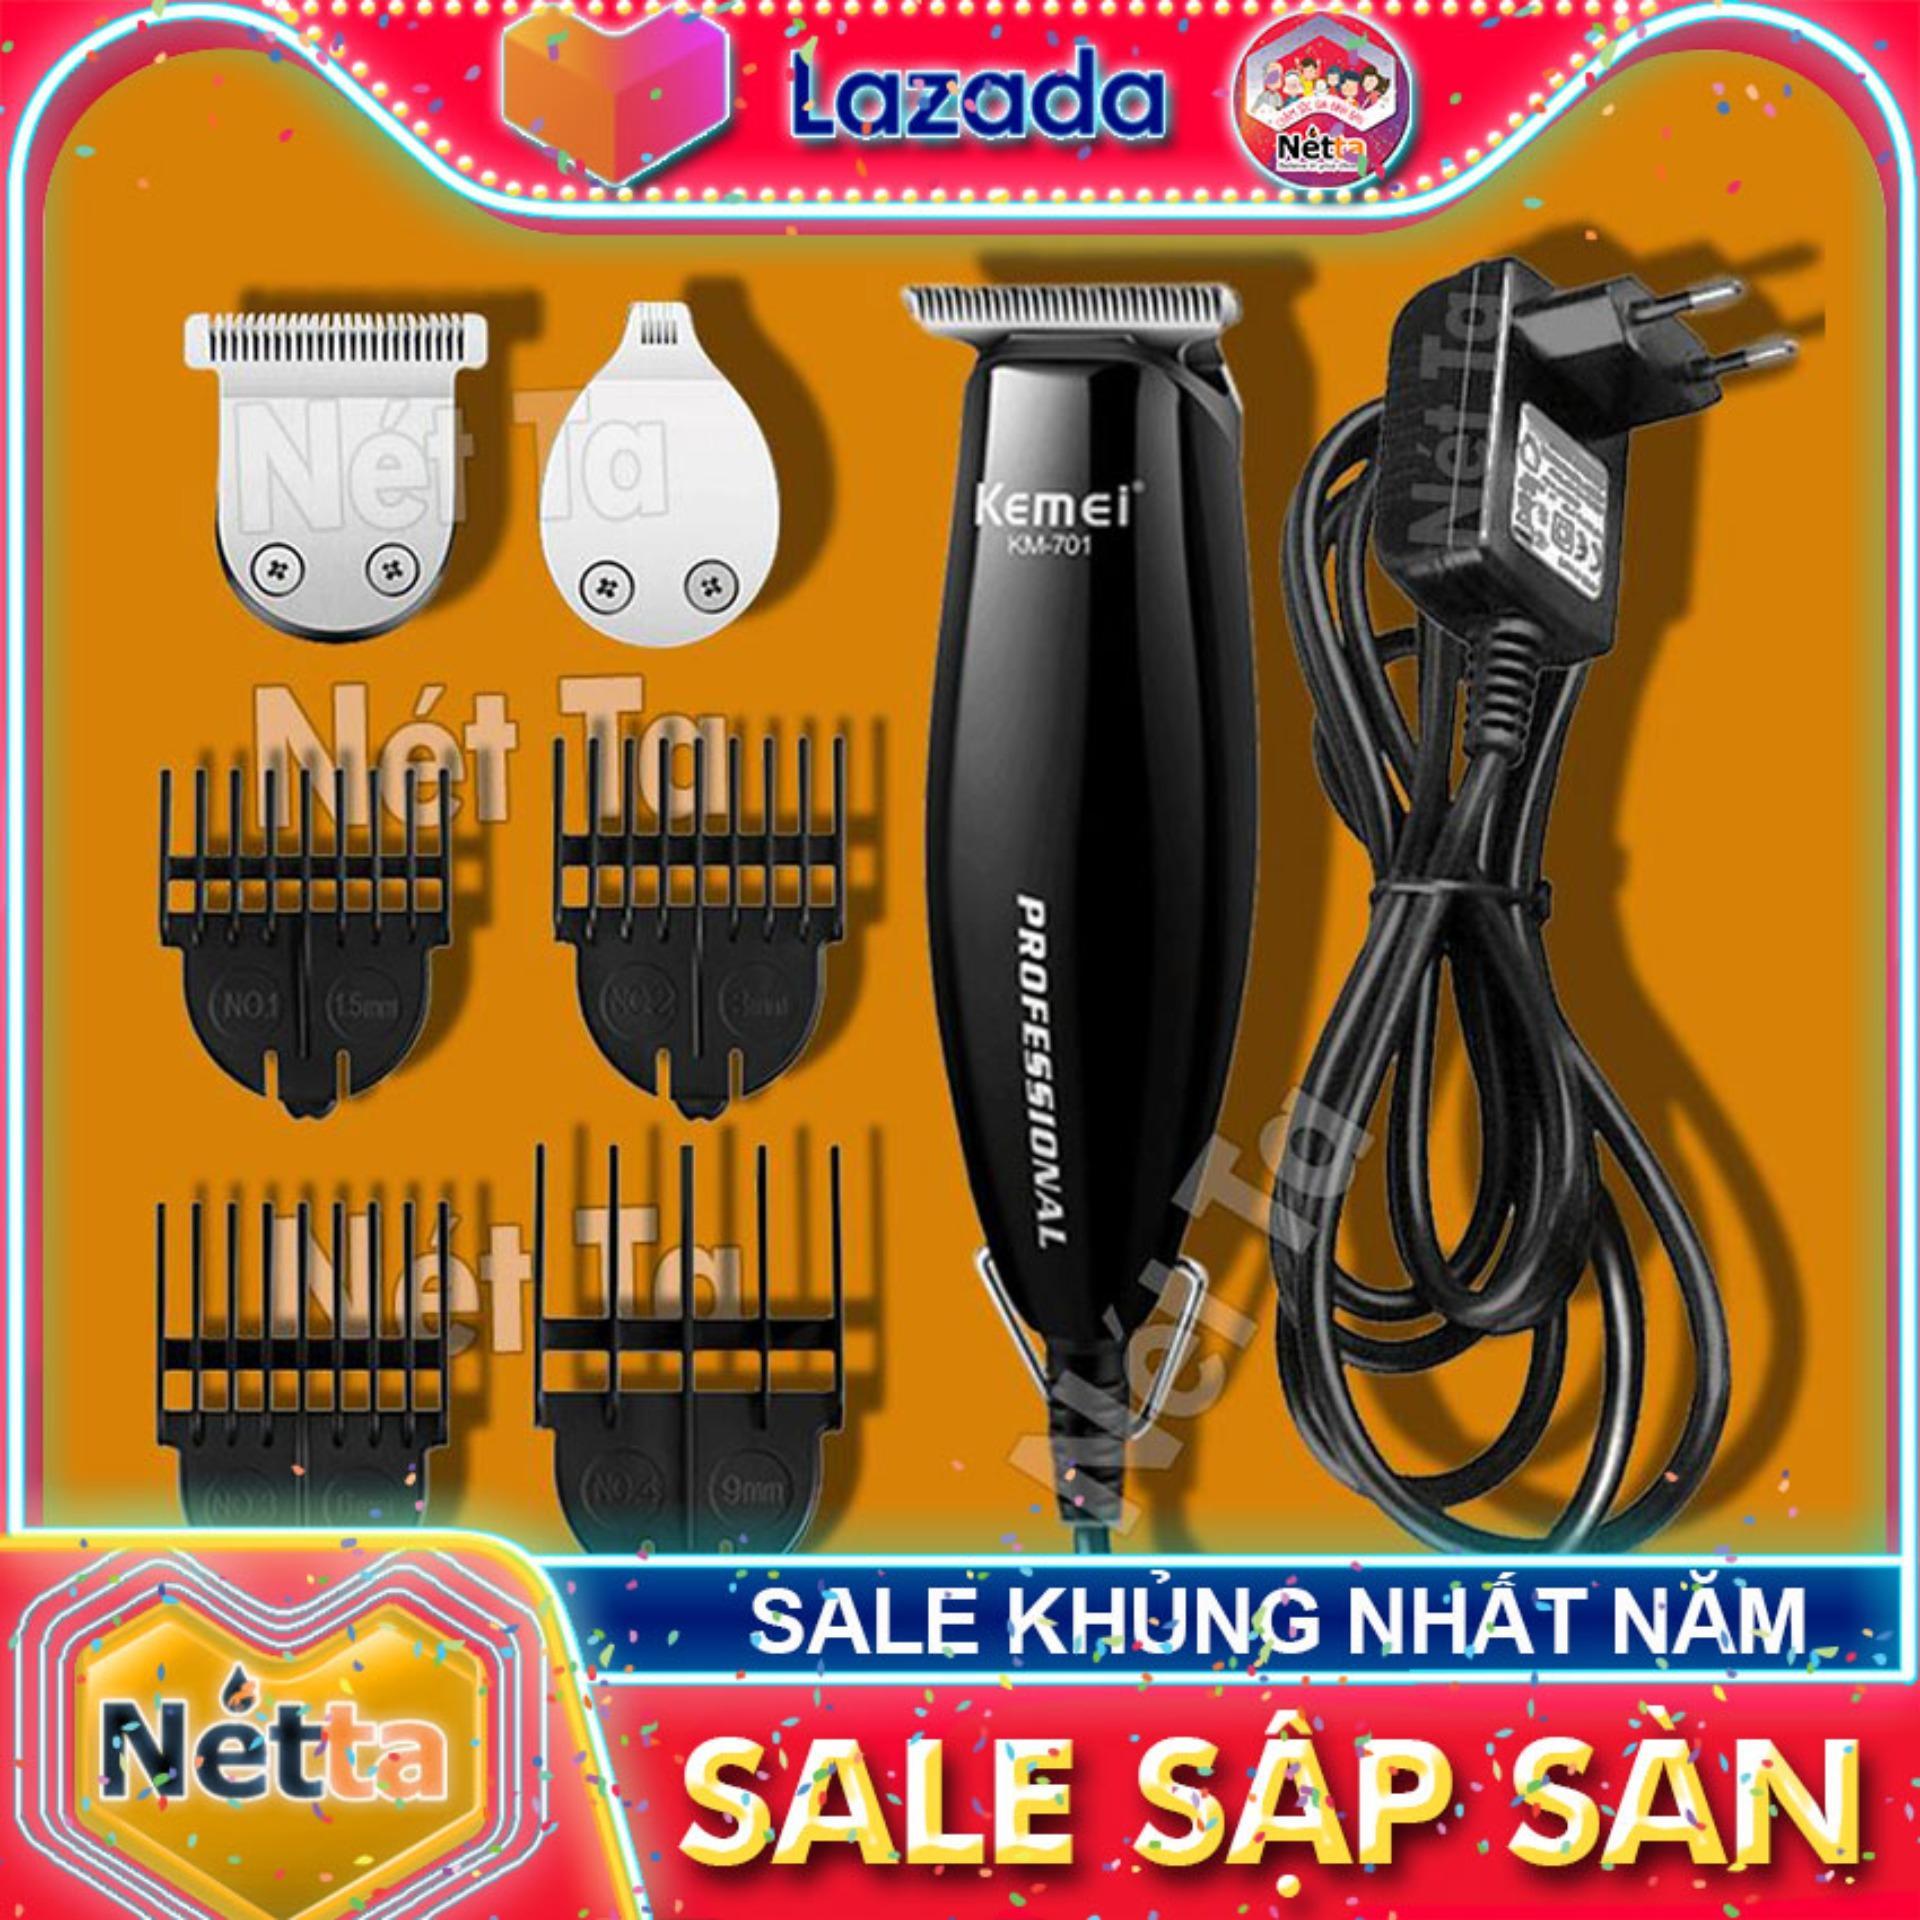 Tông đơ chắn viền đa năng 3in1 Kemei KM-701 chuyên dùng cho salon tạo kiểu tóc, tattto tóc, điêu khắc tóc, tông đơ 3 đầu thay thế có thể cắt tóc, tong do cat toc, tong do chan vien